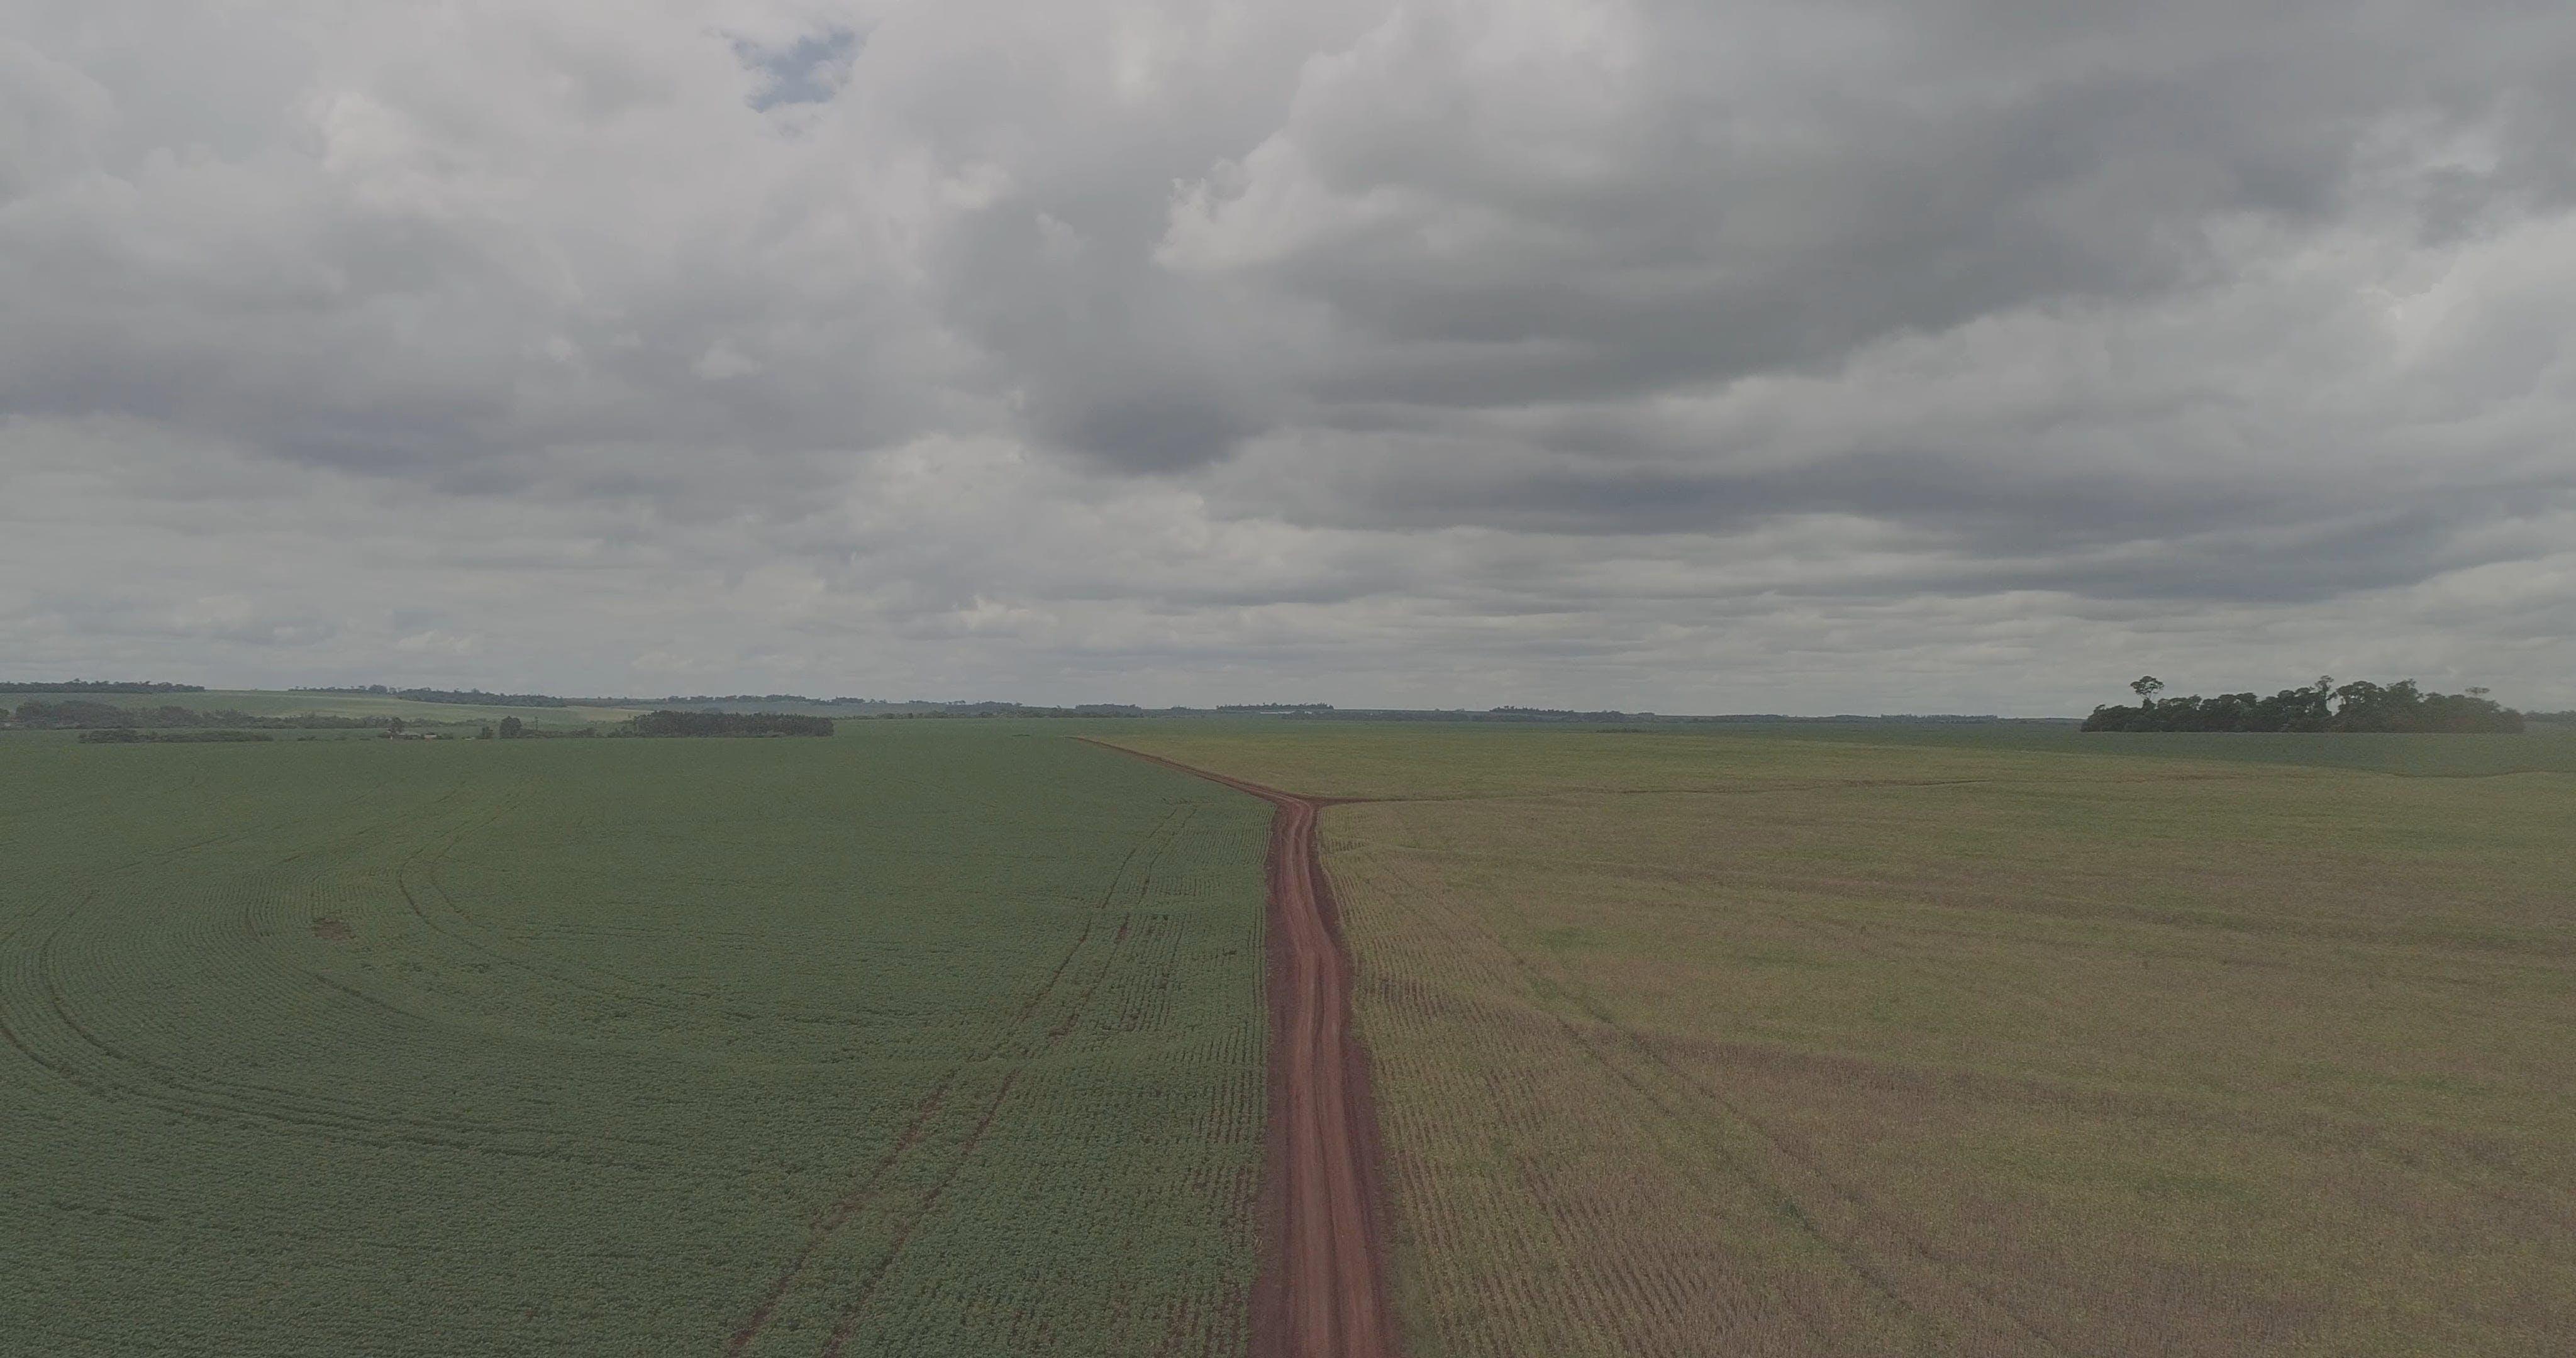 Aerial View Of A Vast Farmland